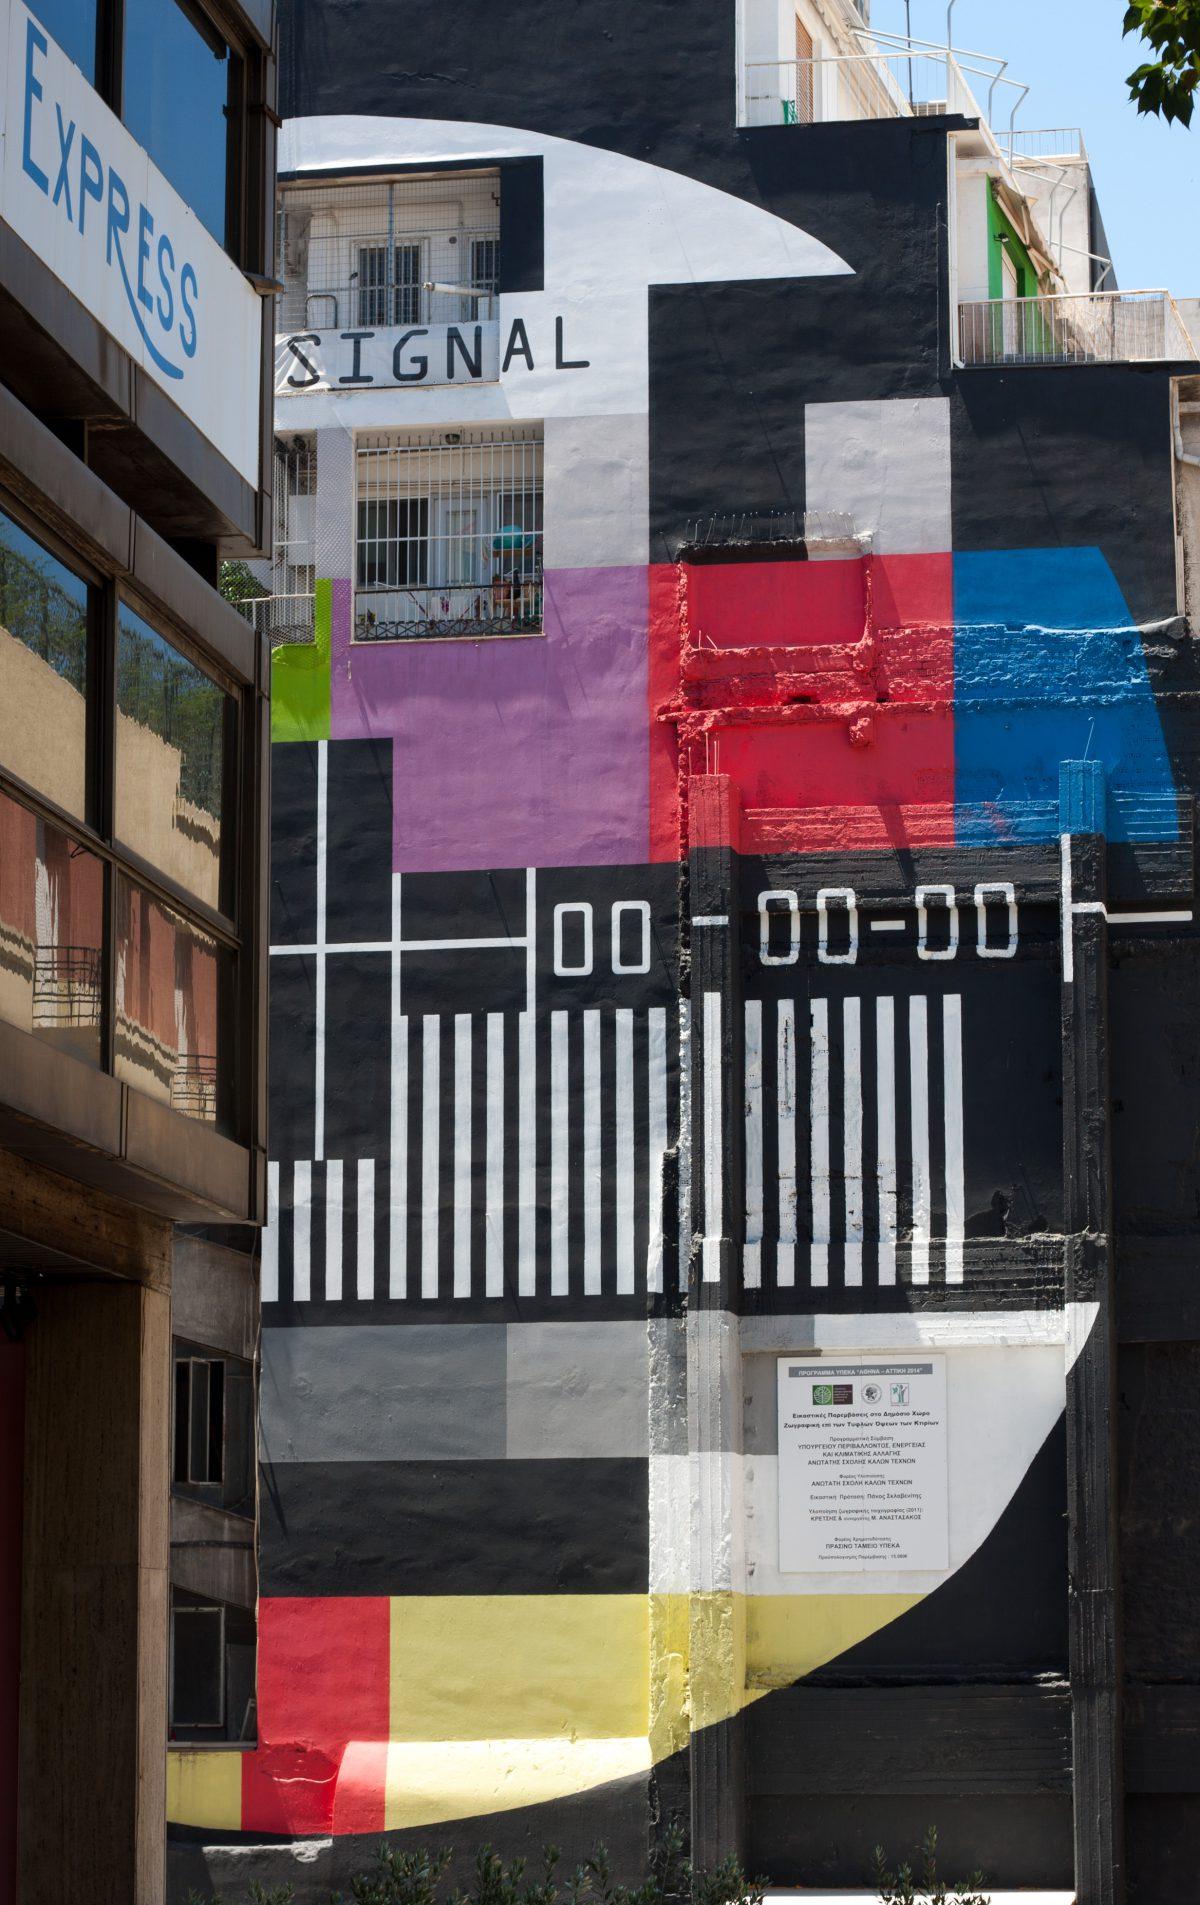 No Signal - Panos Sklavenitis, graffiti, building